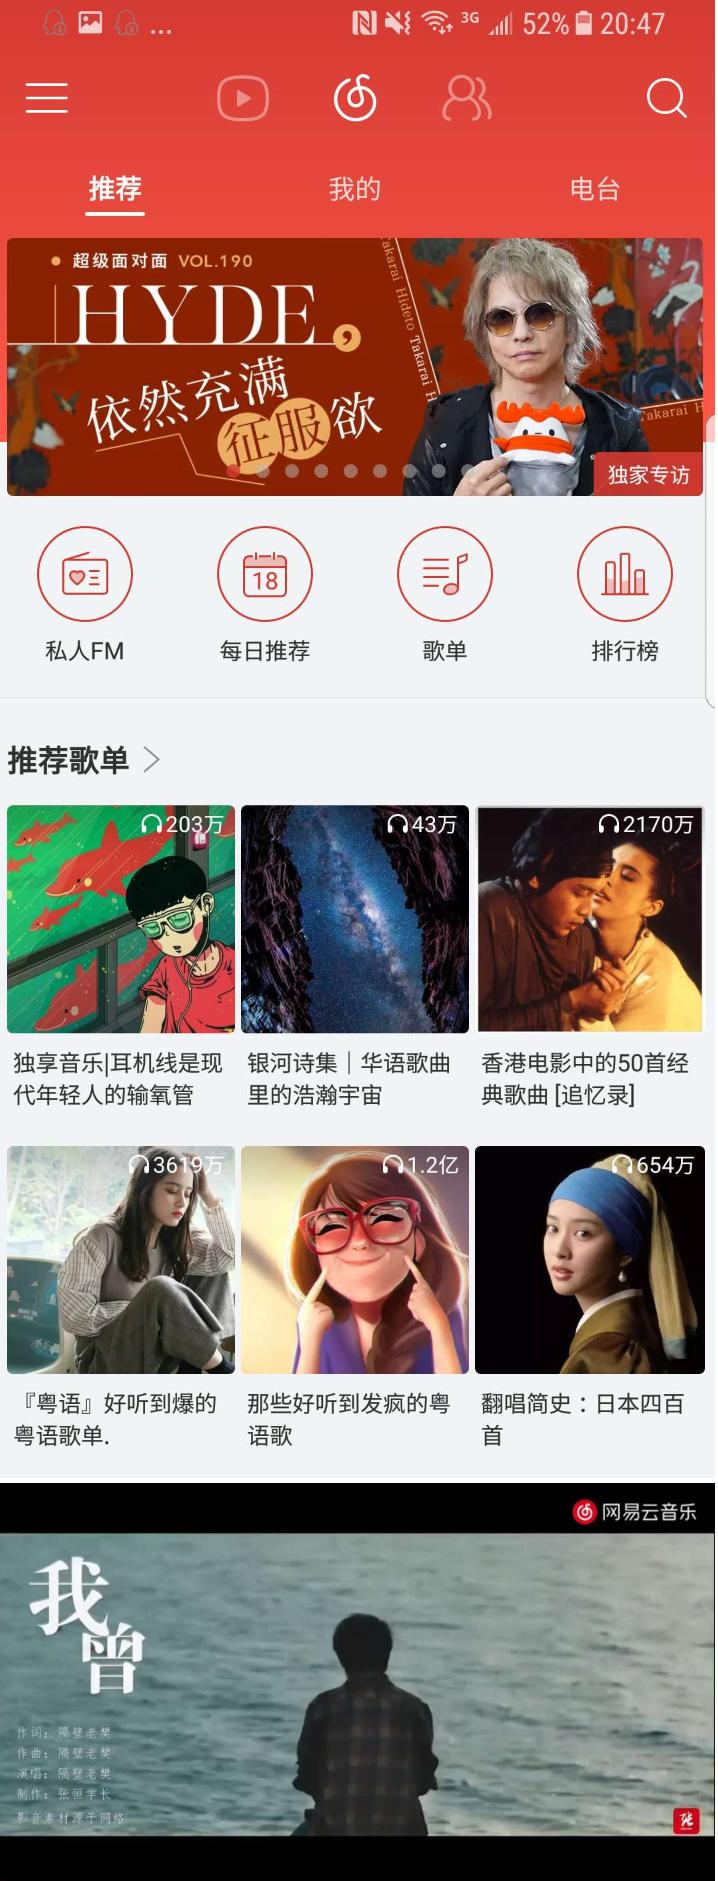 网易云音乐黑椒VIP破解版安卓版下载v5.4.1